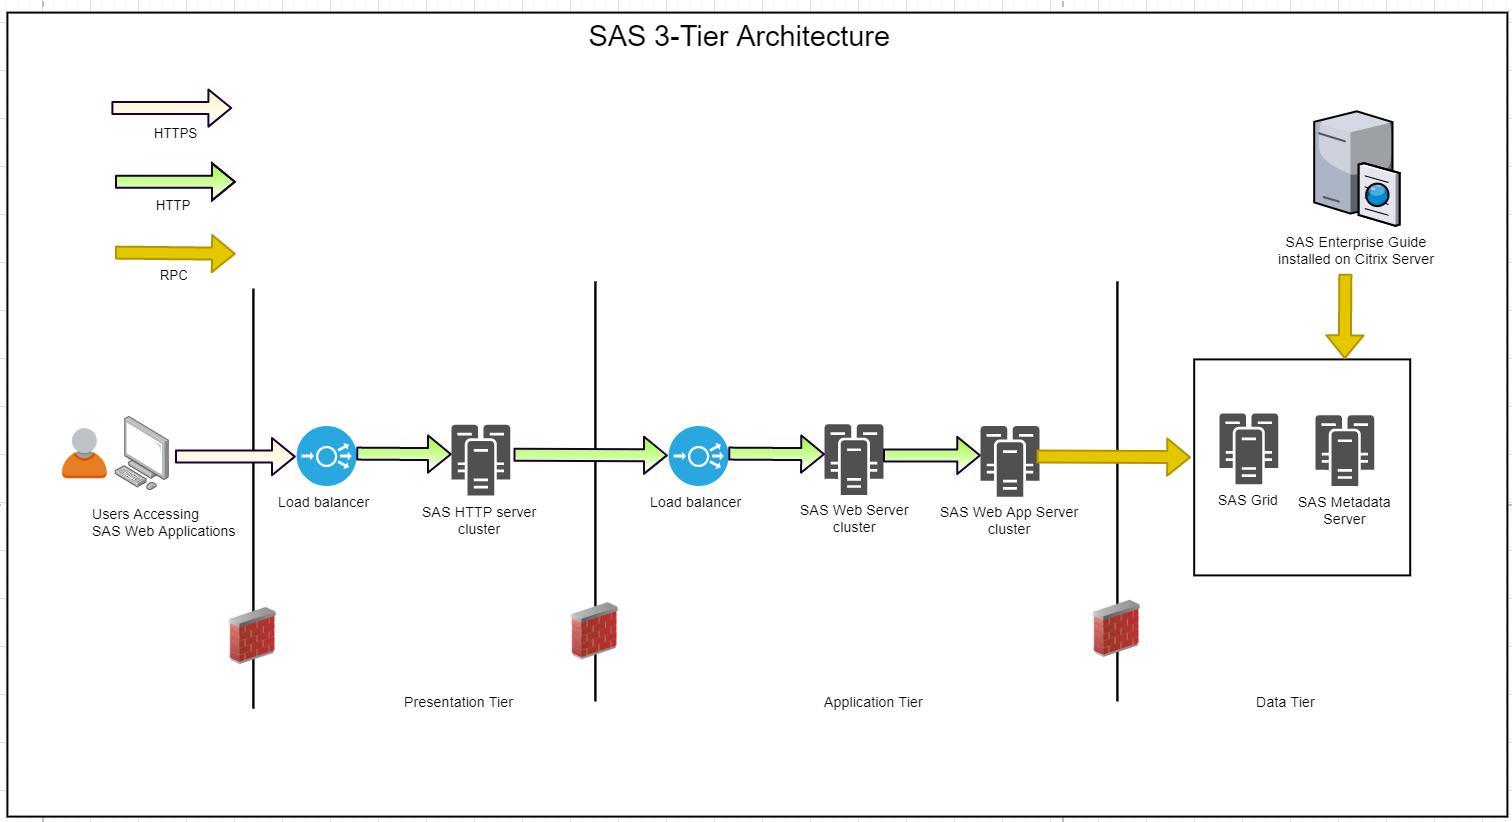 Tích hợp SAS với ArcGIS Online trong kiến trúc 3 tầng